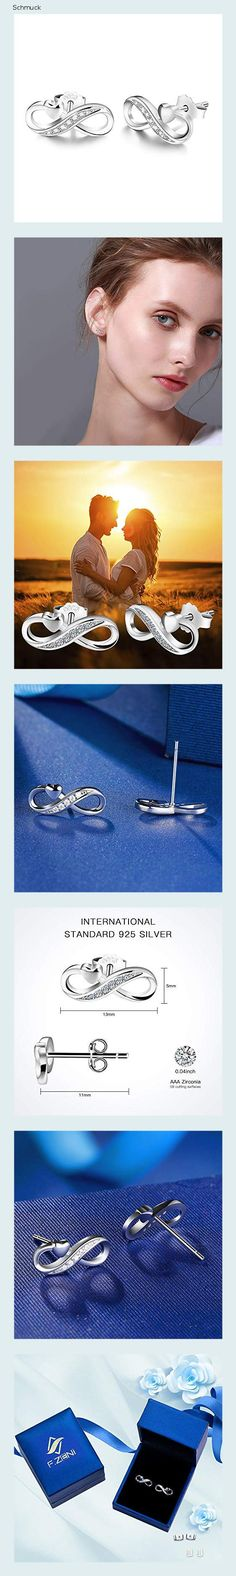 Unendlichkeit Ohrringe 925 Sterling Silber Ohrstecker Für immer Liebe Akzent Modeschmuck für Frauen Mädchen mit Geschenkbox (Mit Liebe) - 14h7